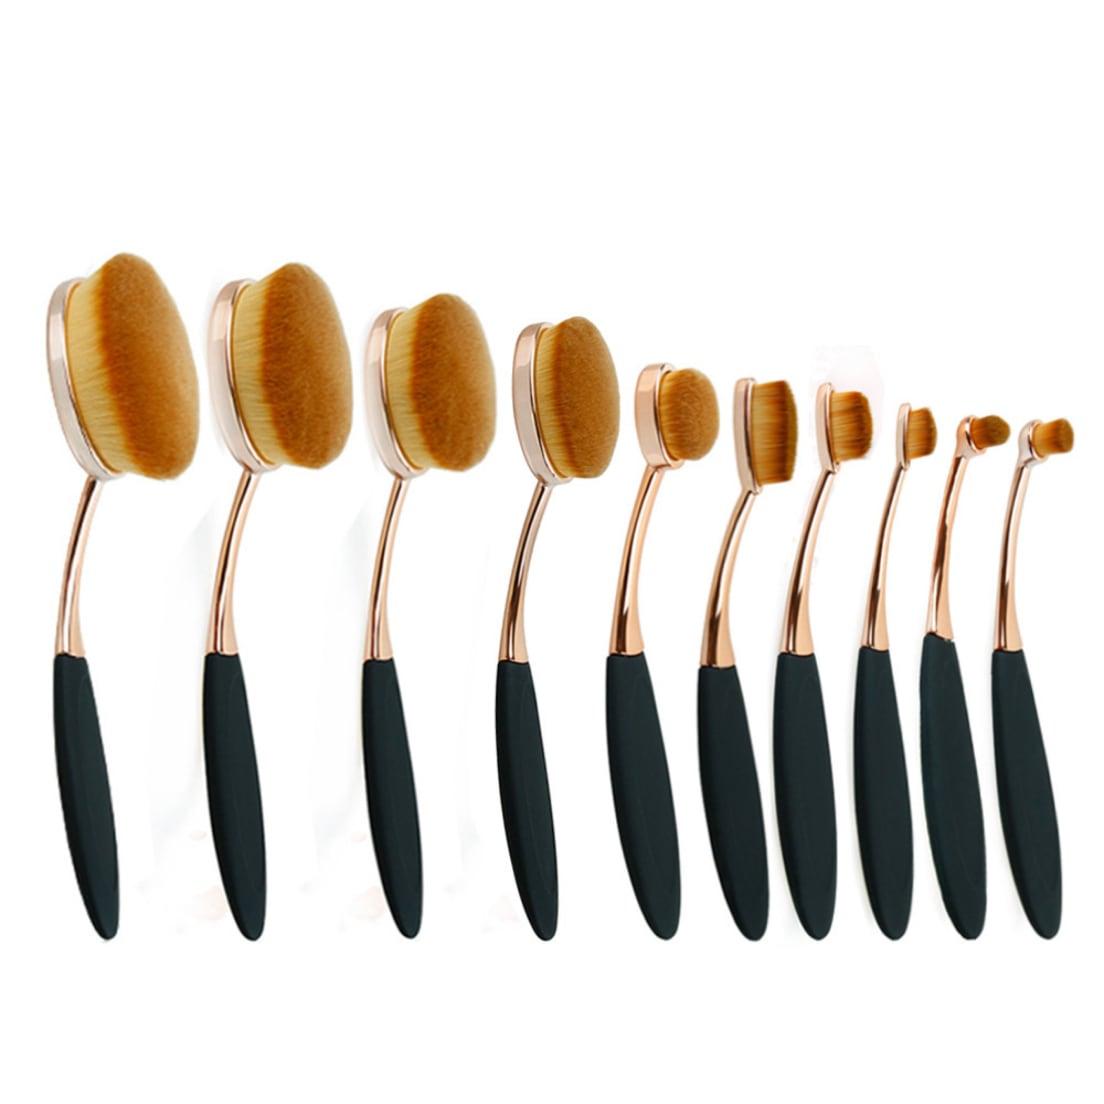 7edaf5b097c2 Zoë Ayla 10-Piece Professional Oval Makeup Brush Set